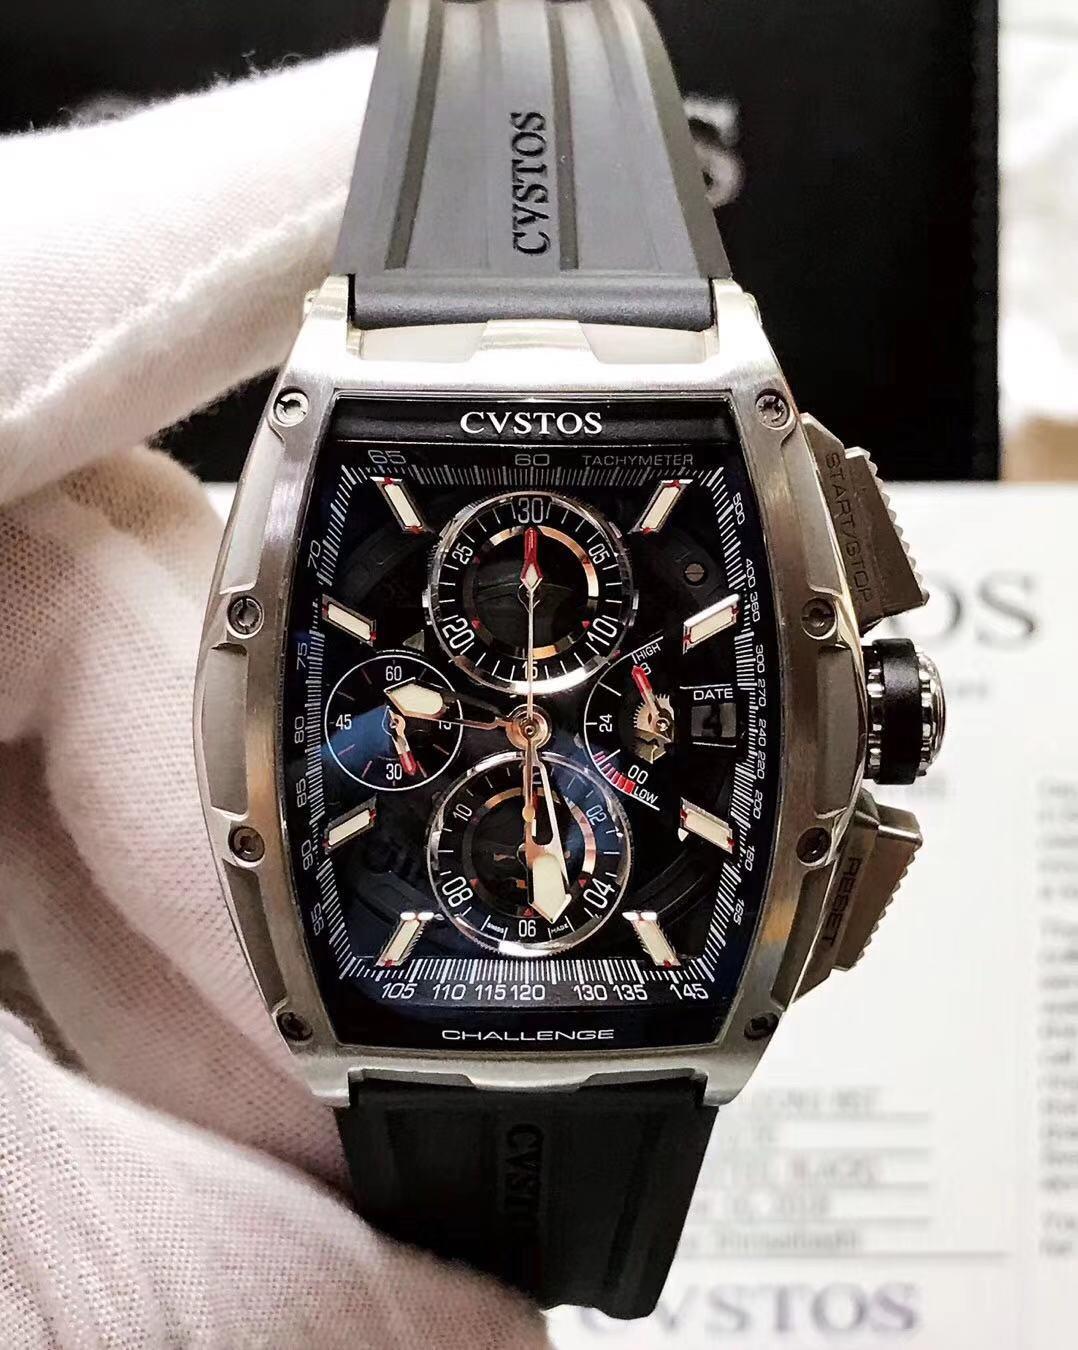 卡斯托斯手表保养方法(图)